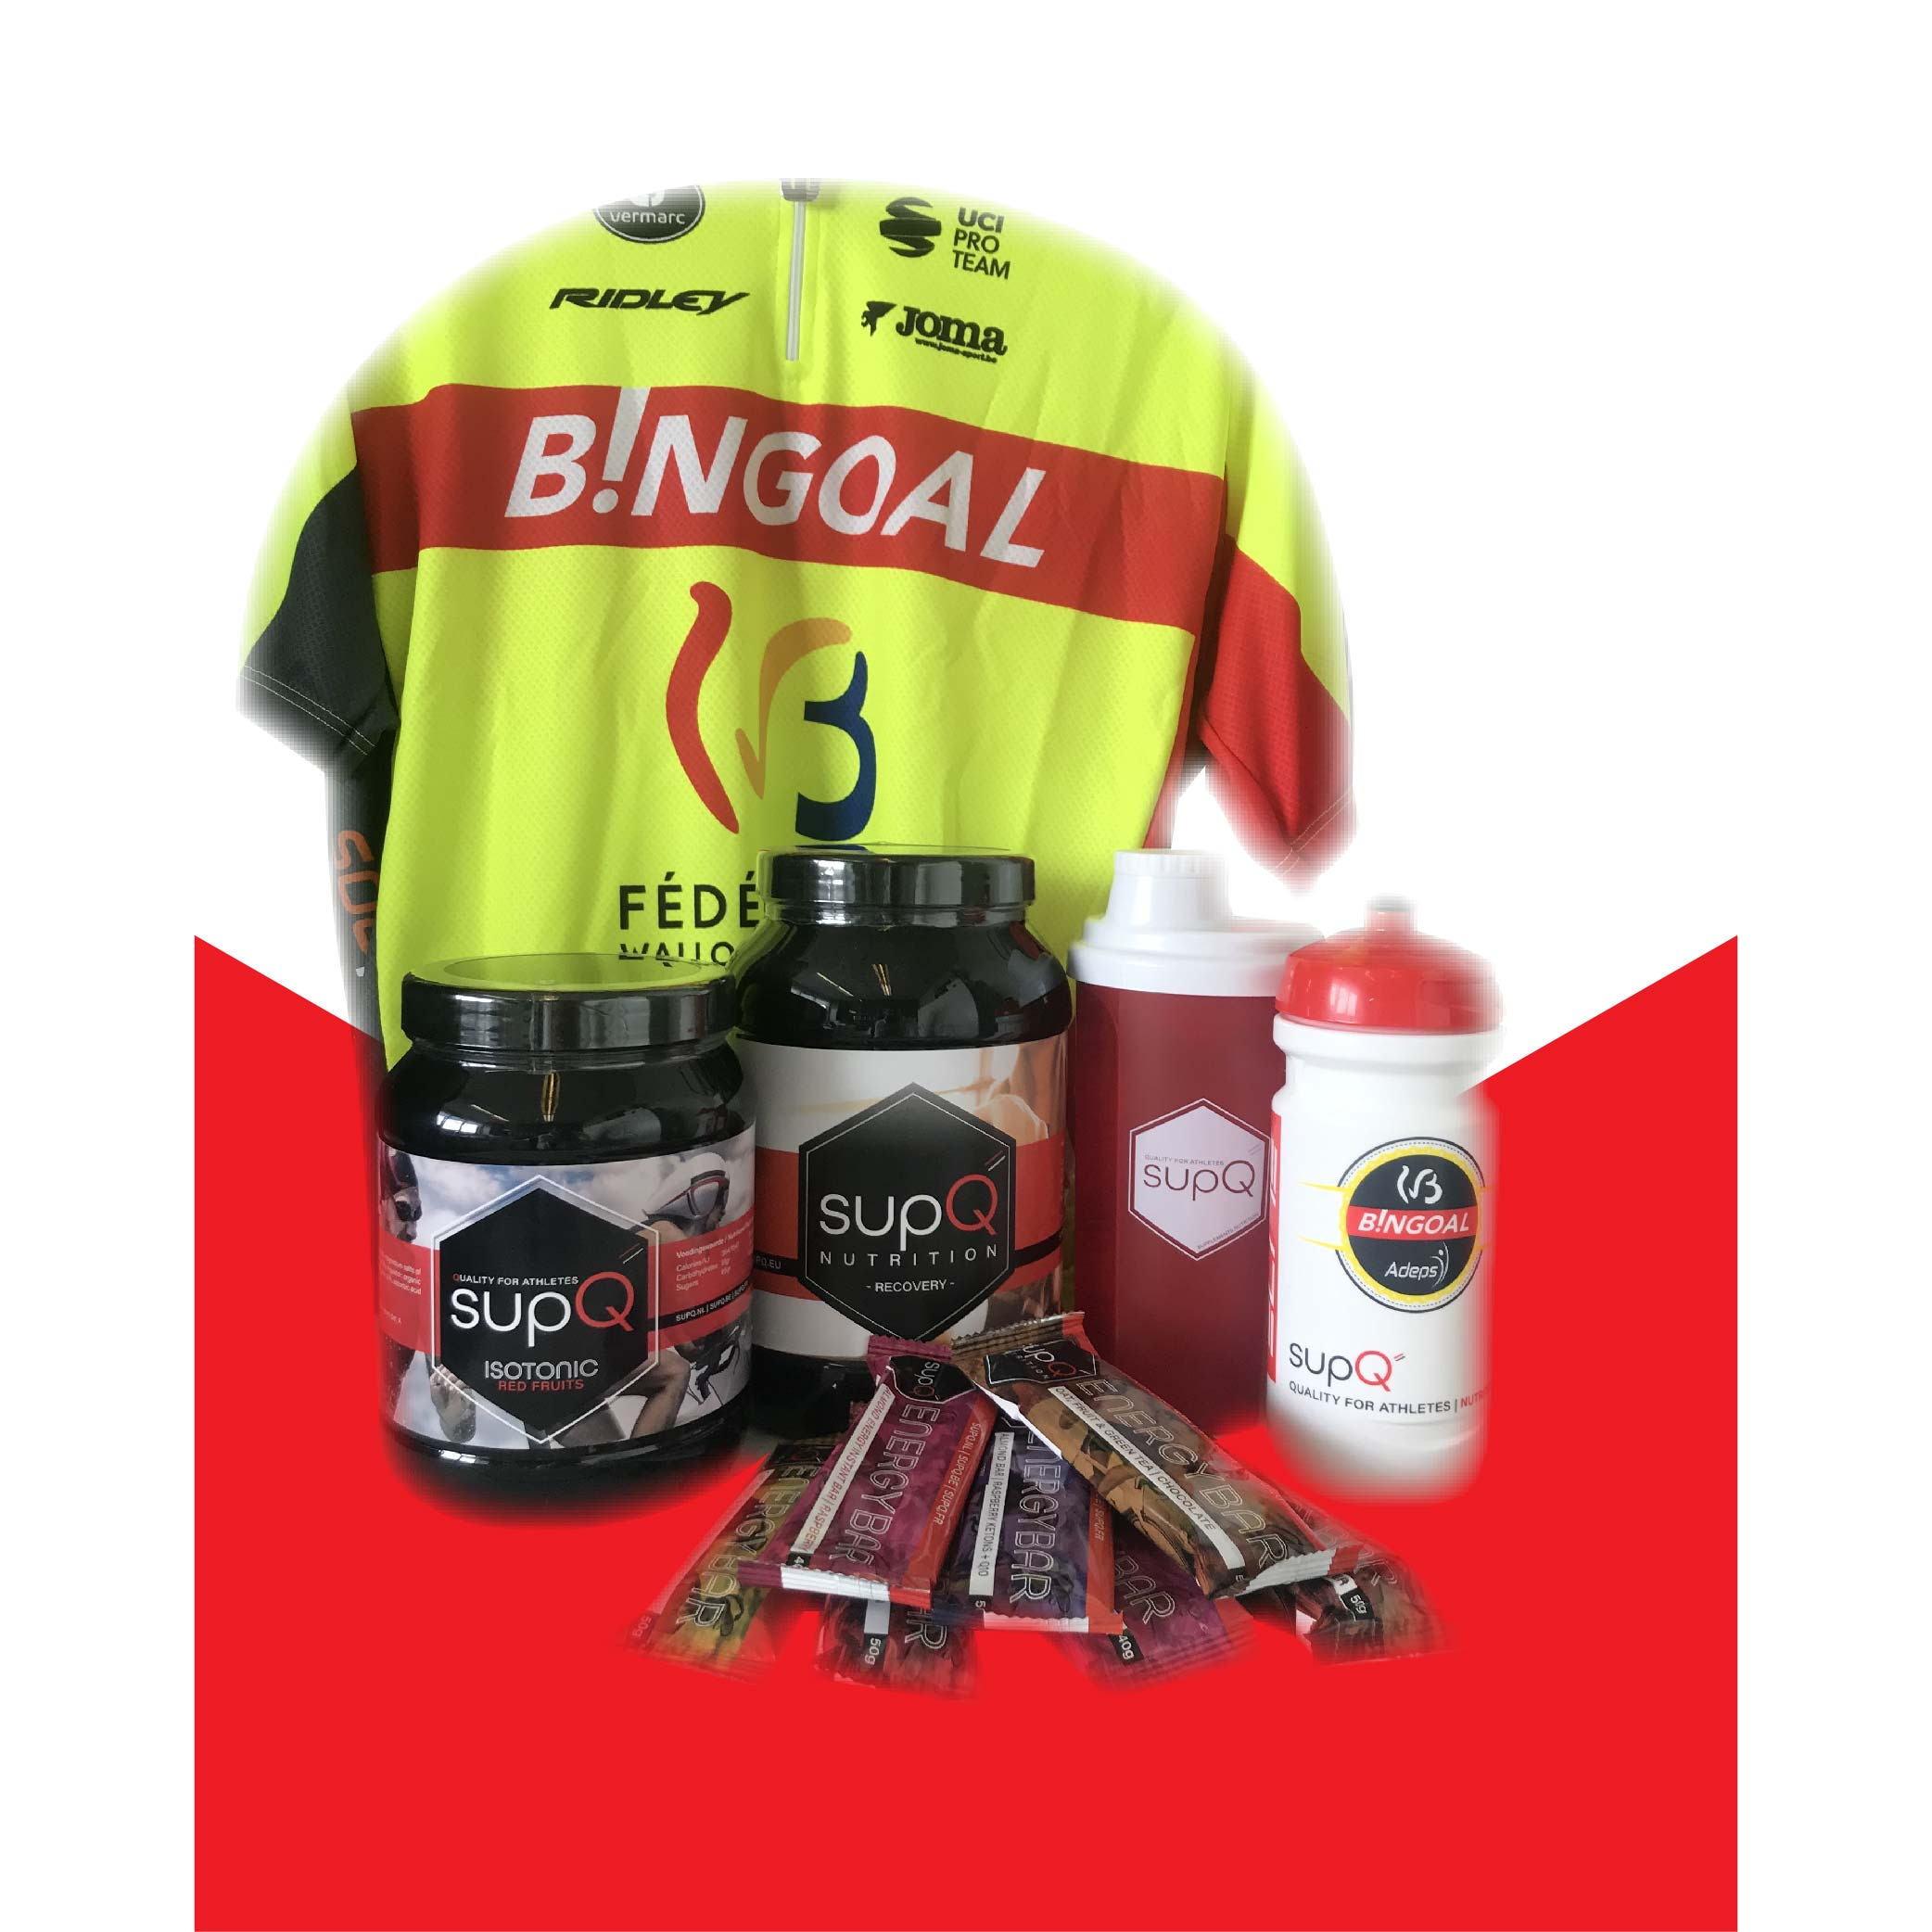 Pakketten_bingoal_pack